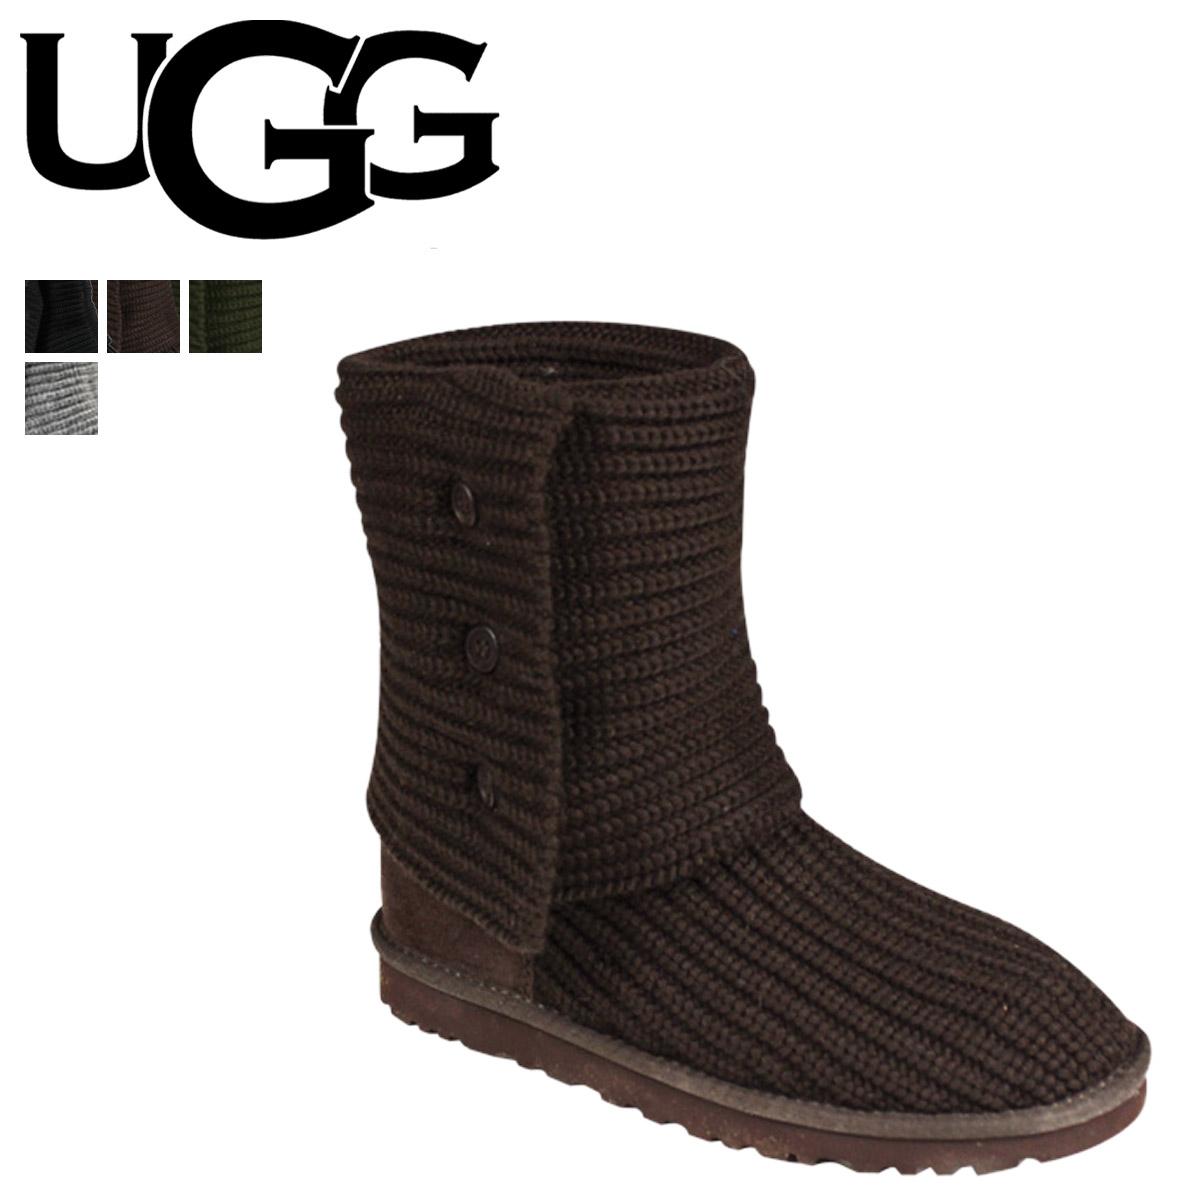 ugg 5819 brown